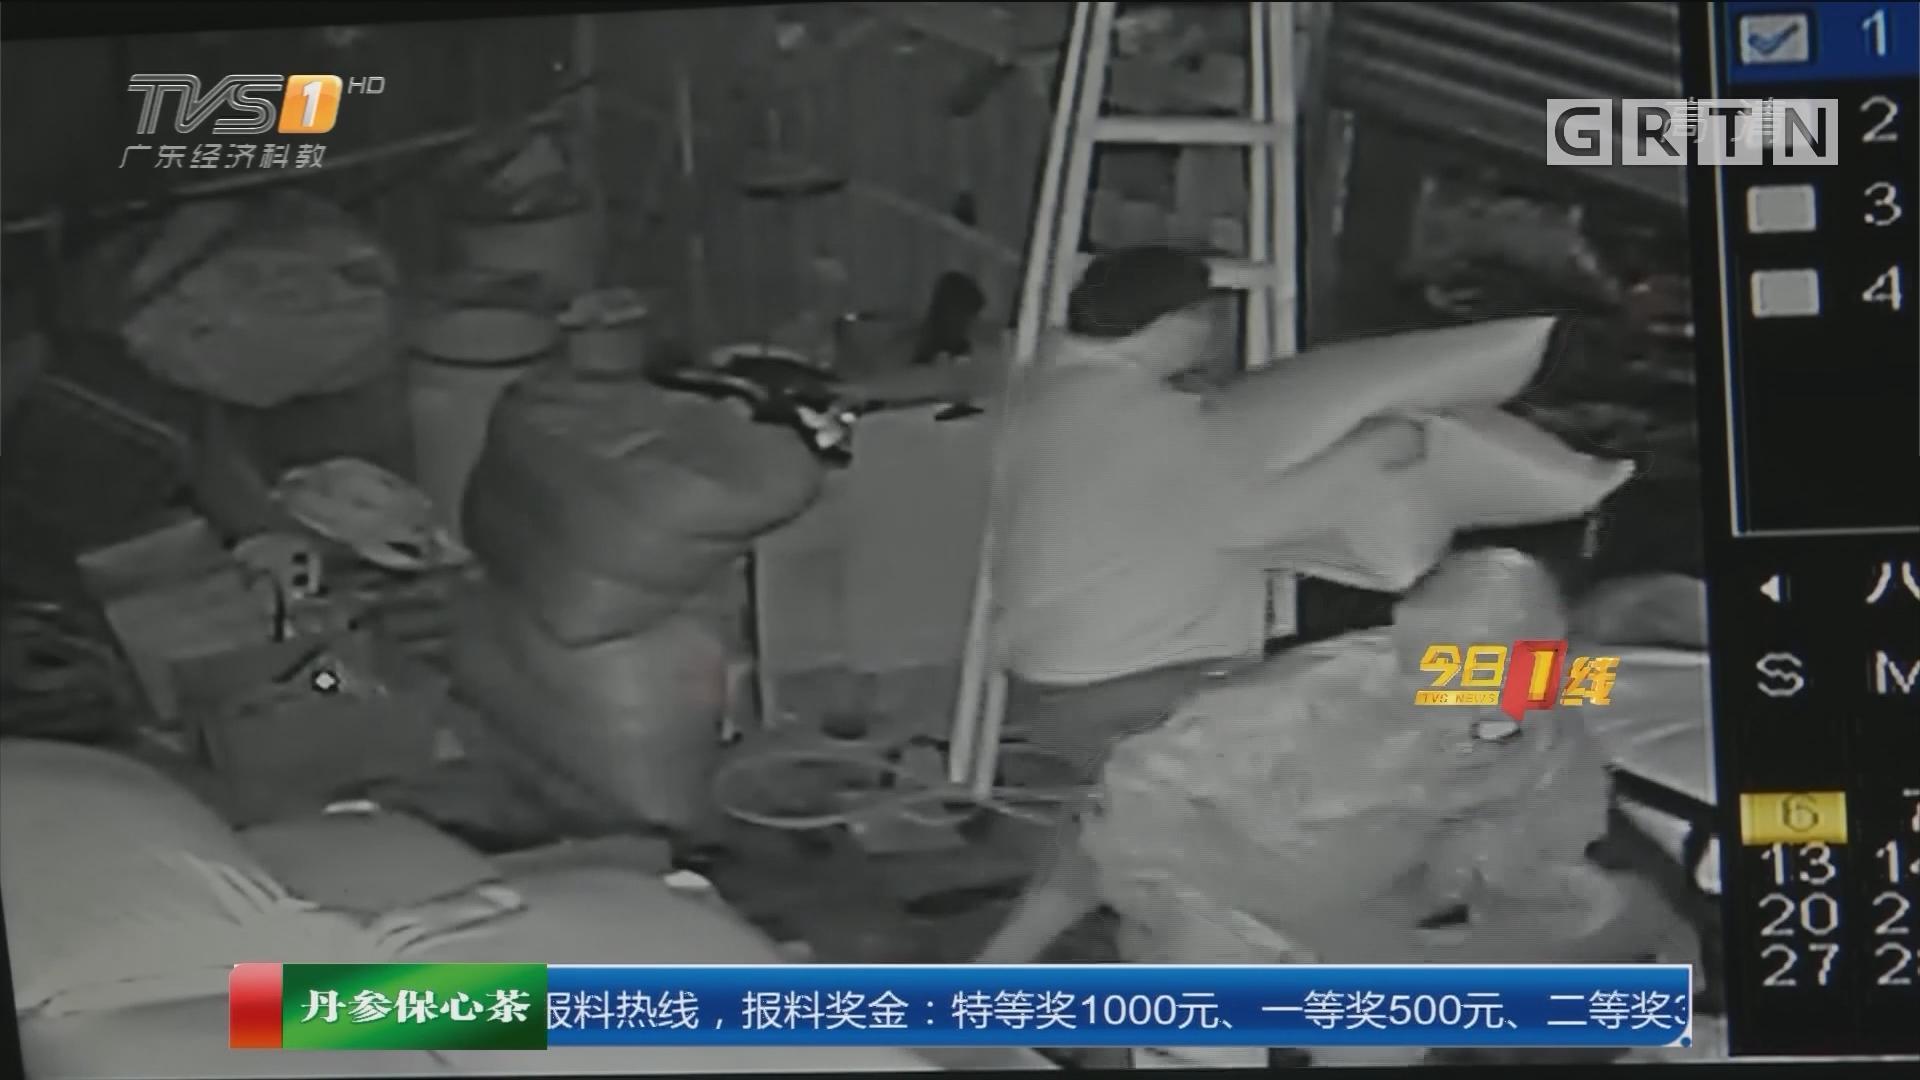 汕头澄海:蟊贼入室盗窃 盗走过万货物